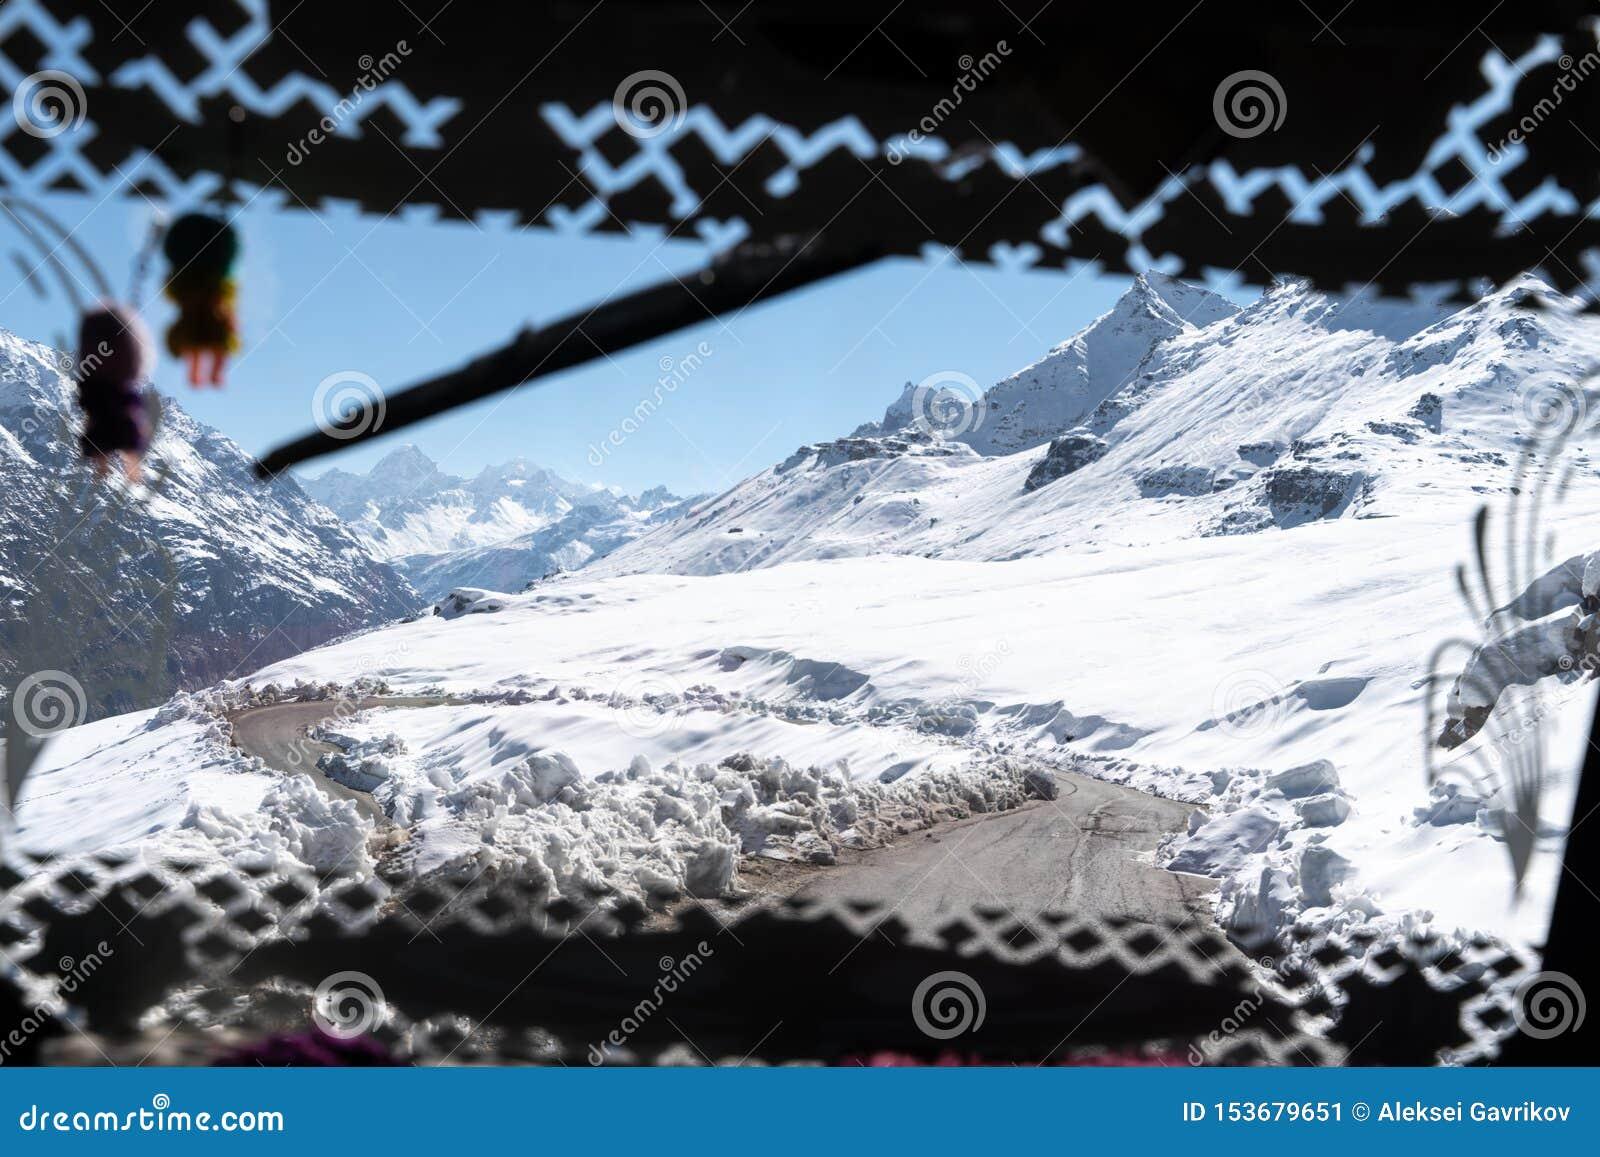 Die Ansicht vom Passagierfenster